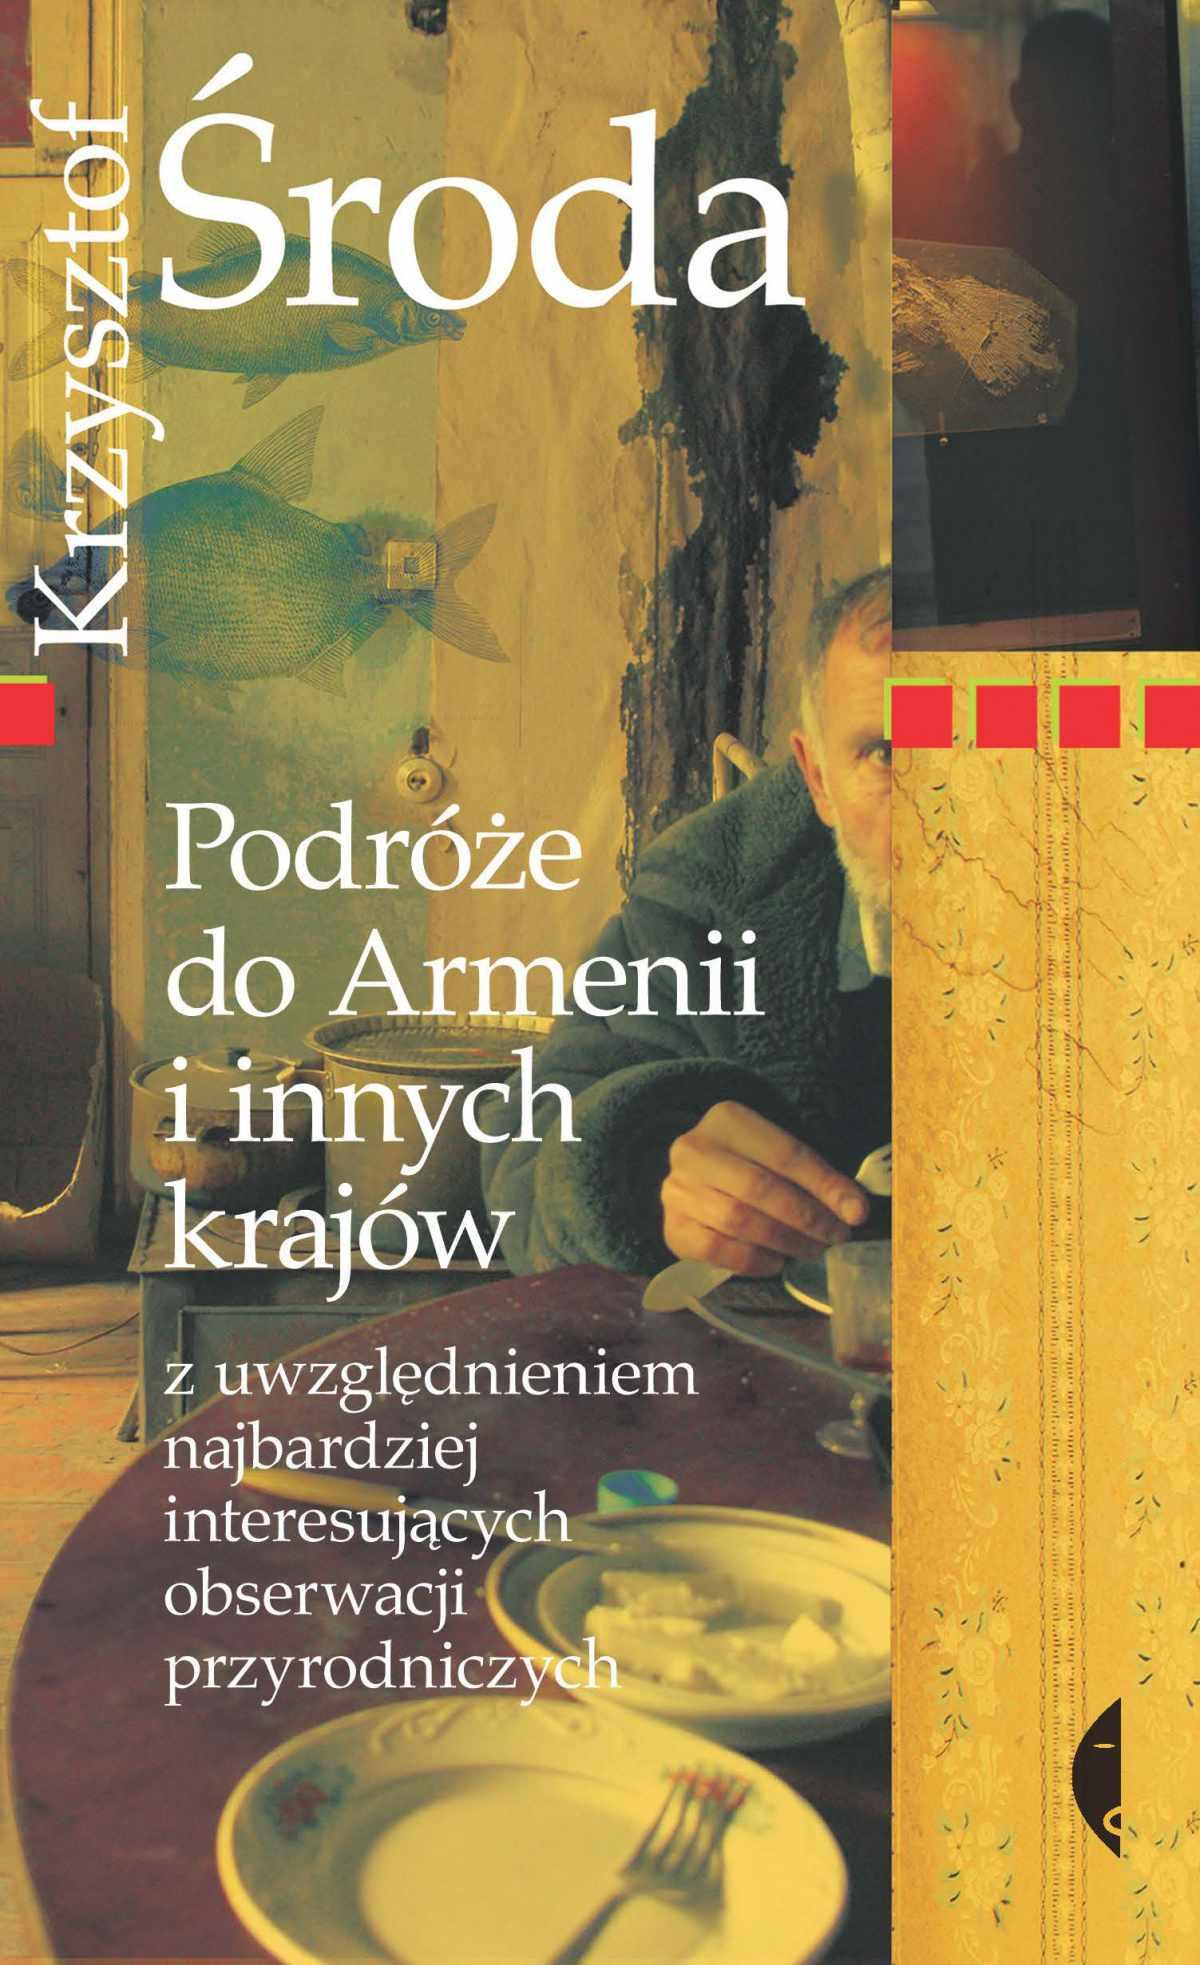 Podróże do Armenii i innych krajów z uwzględnieniem najbardziej interesujących obserwacji przyrodniczych - Ebook (Książka na Kindle) do pobrania w formacie MOBI